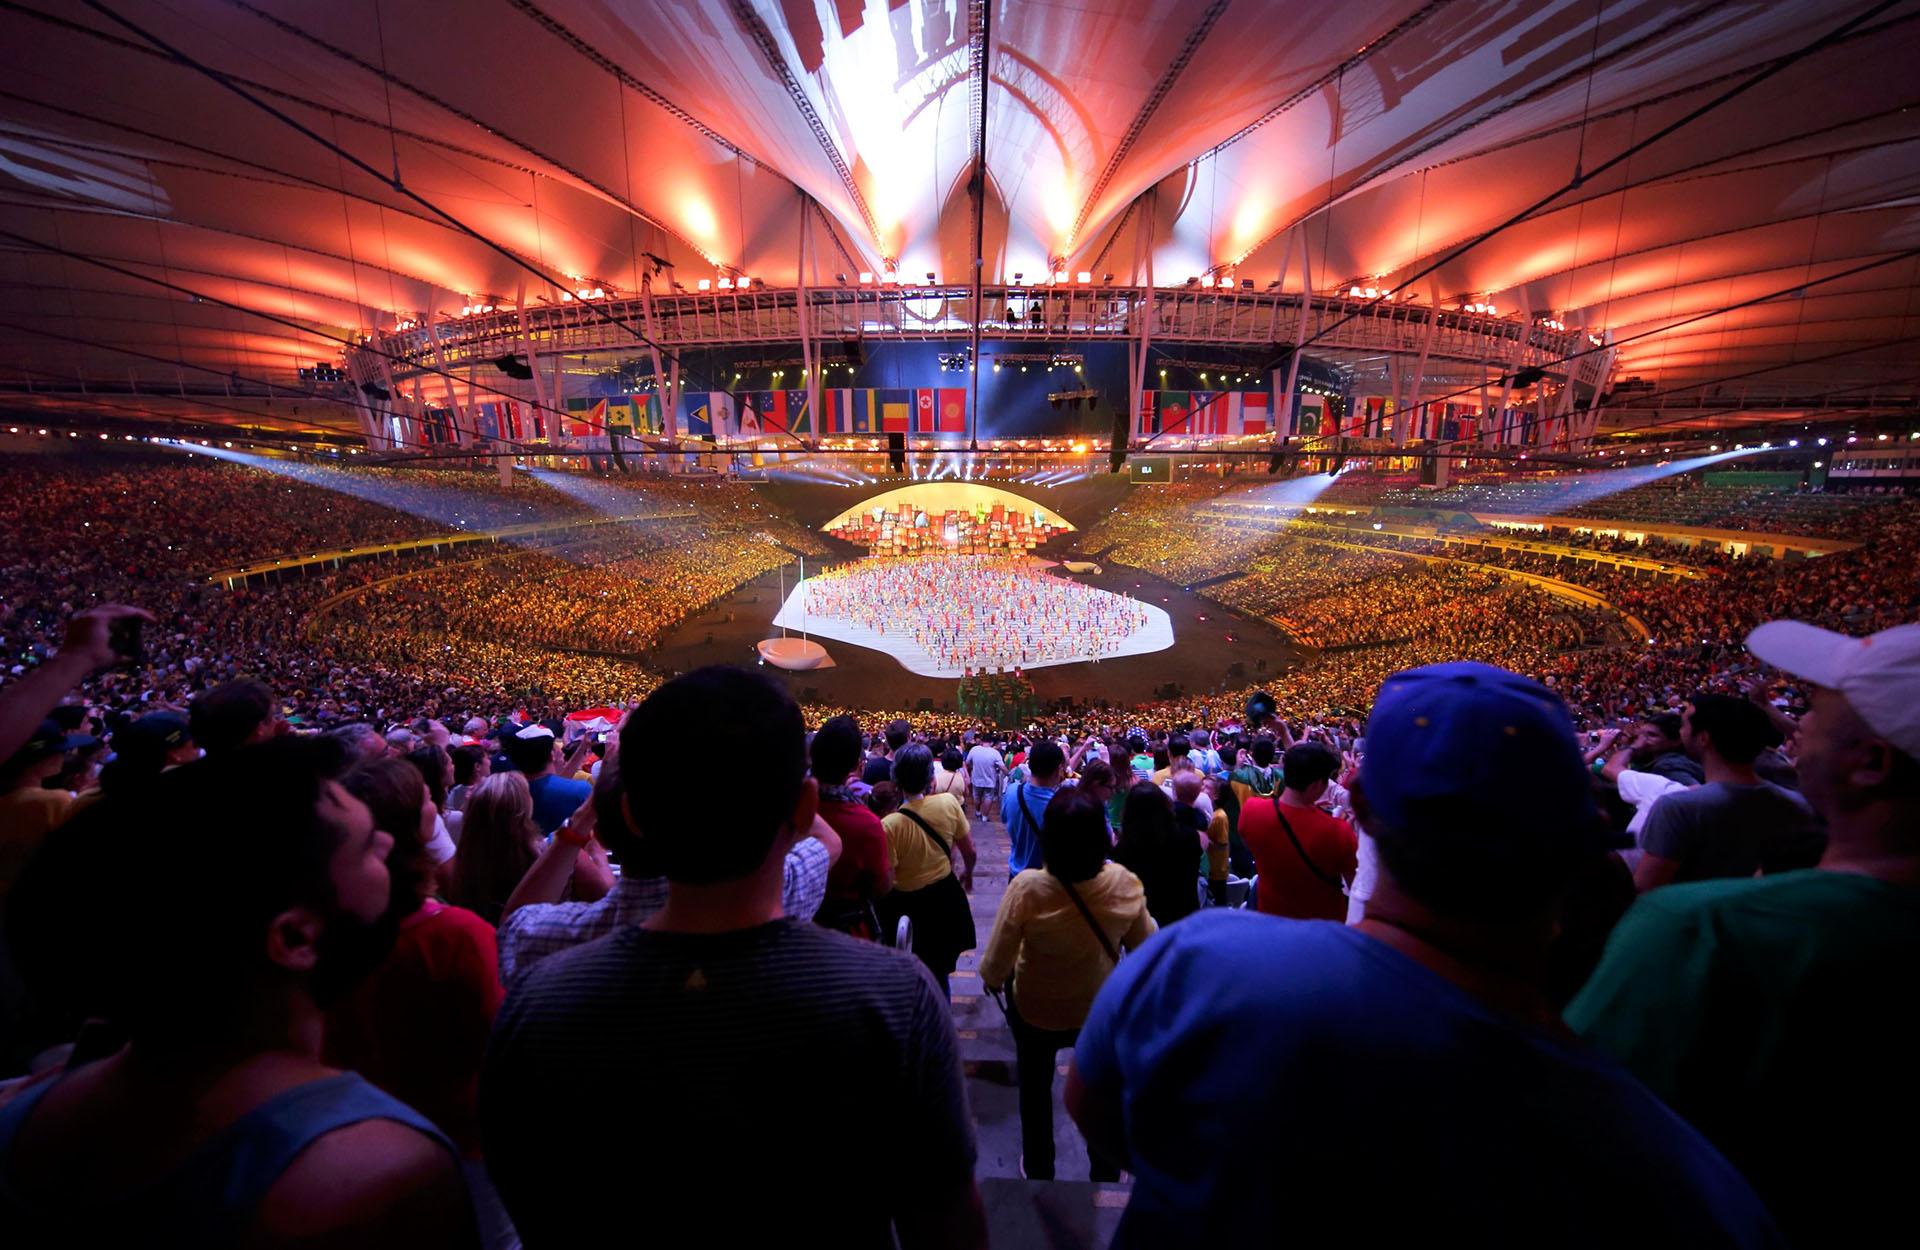 Unos 60 mil espectadores colmaron el estadio Maracaná (Reuters)